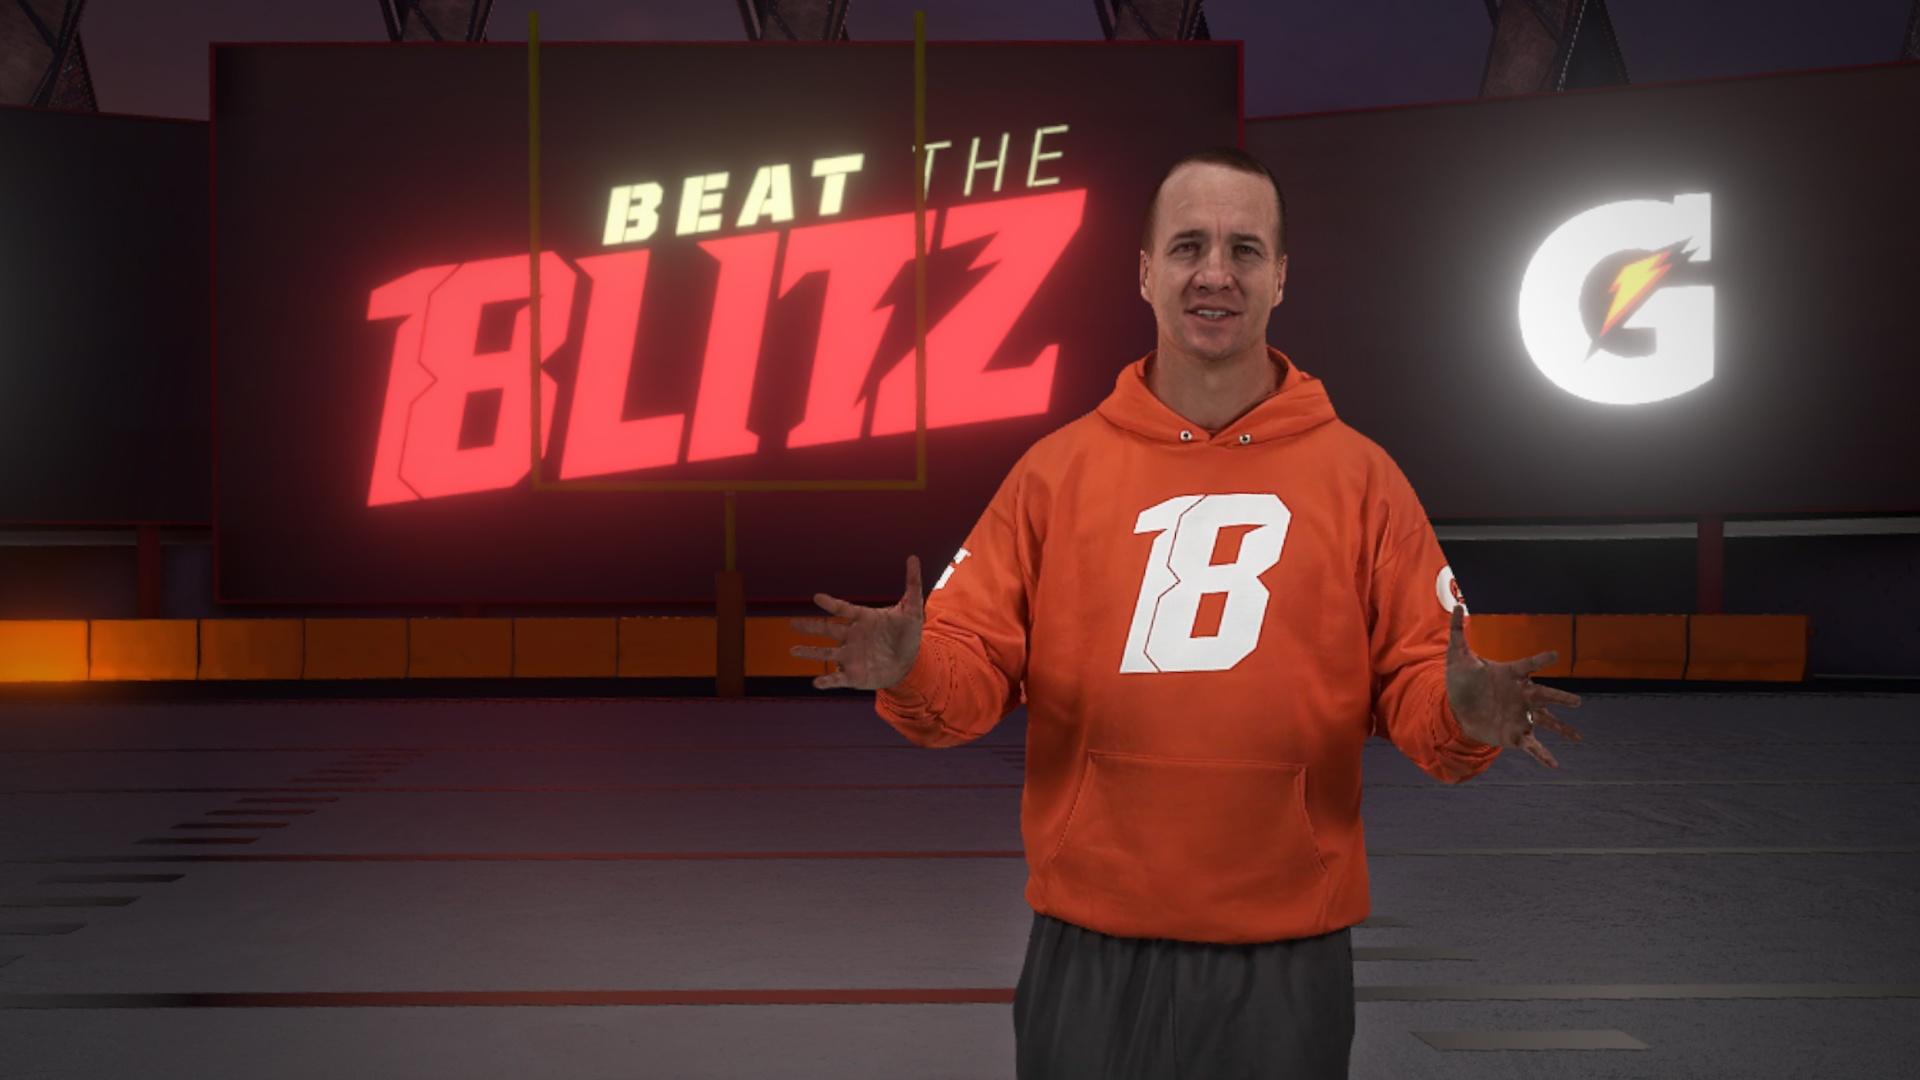 Thumbnail for Beat the Blitz